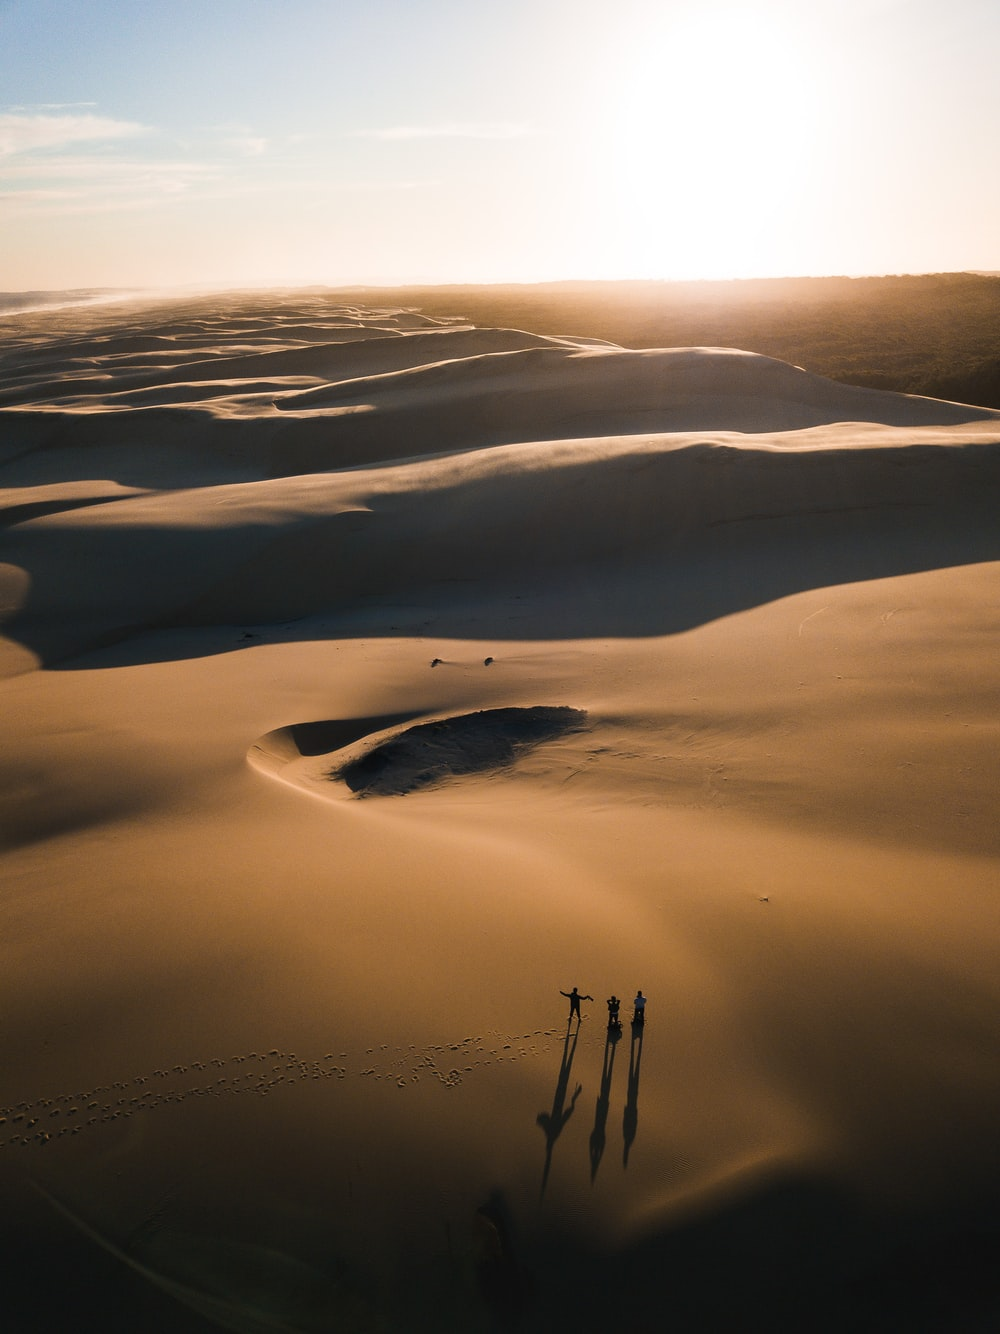 birds eye photography of people on desert